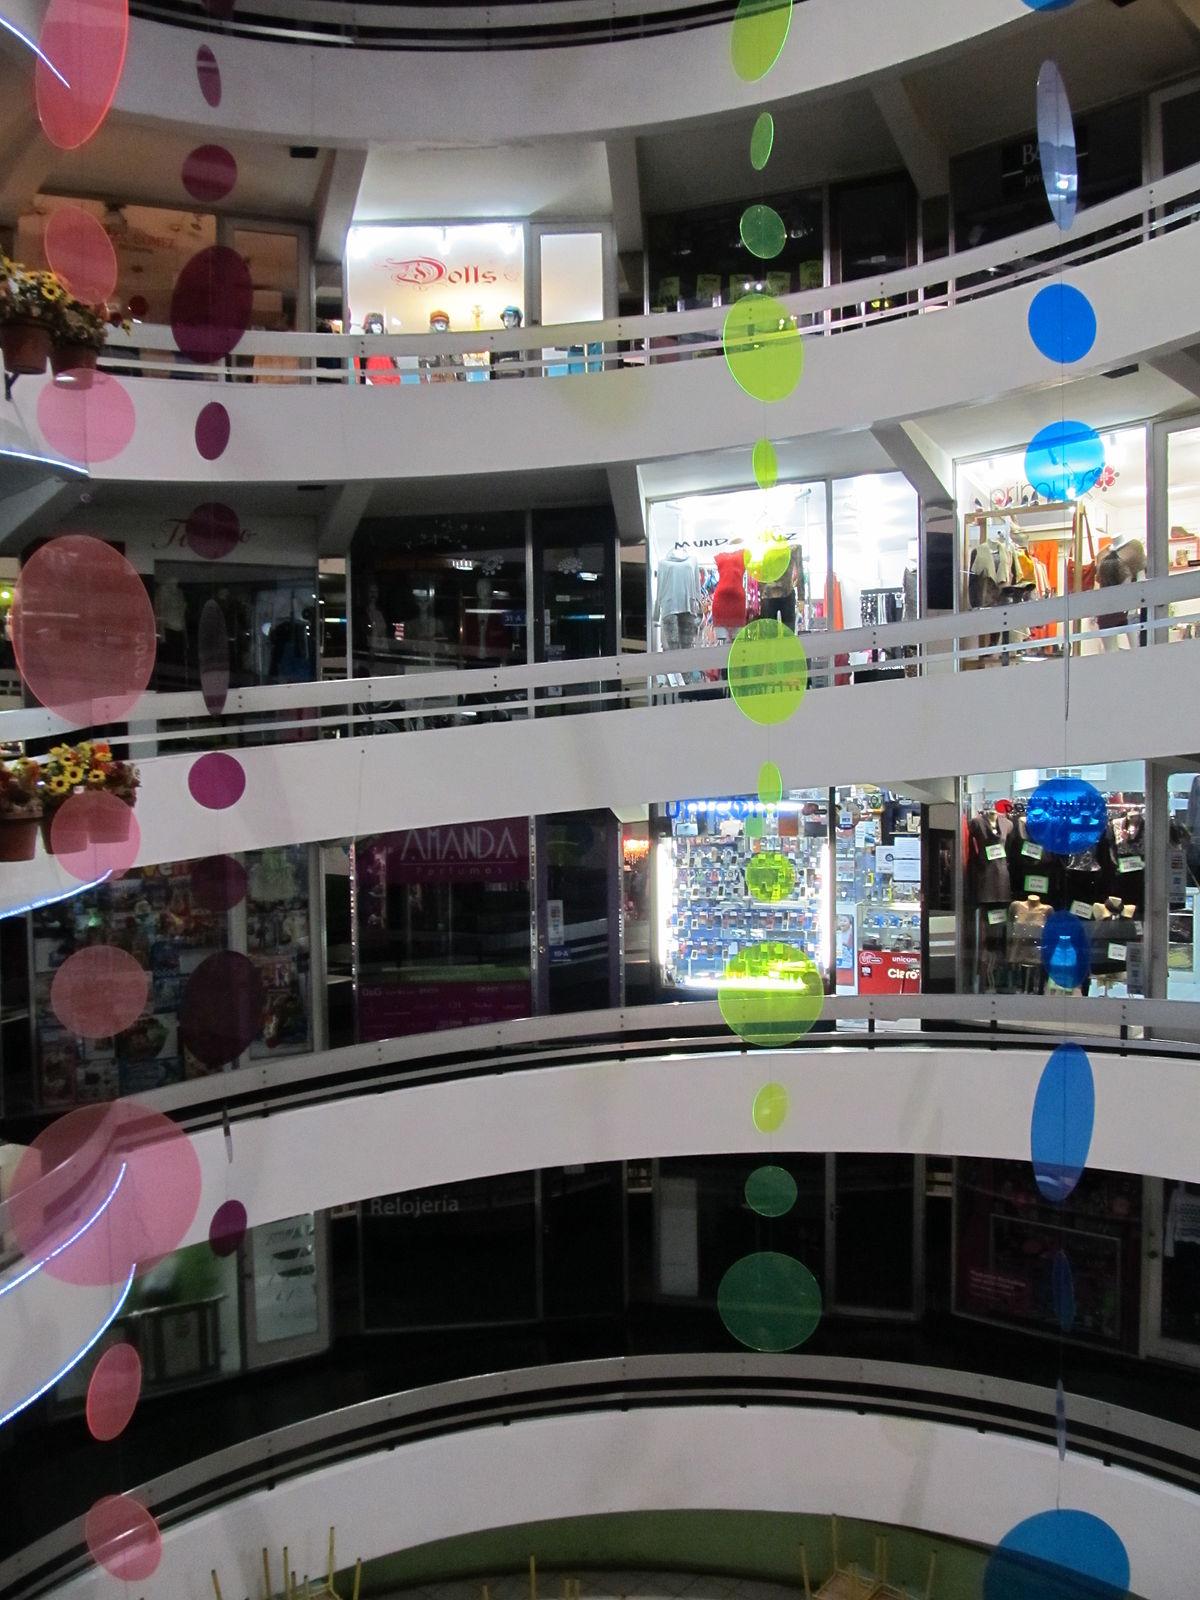 En un centro comercial - 4 1